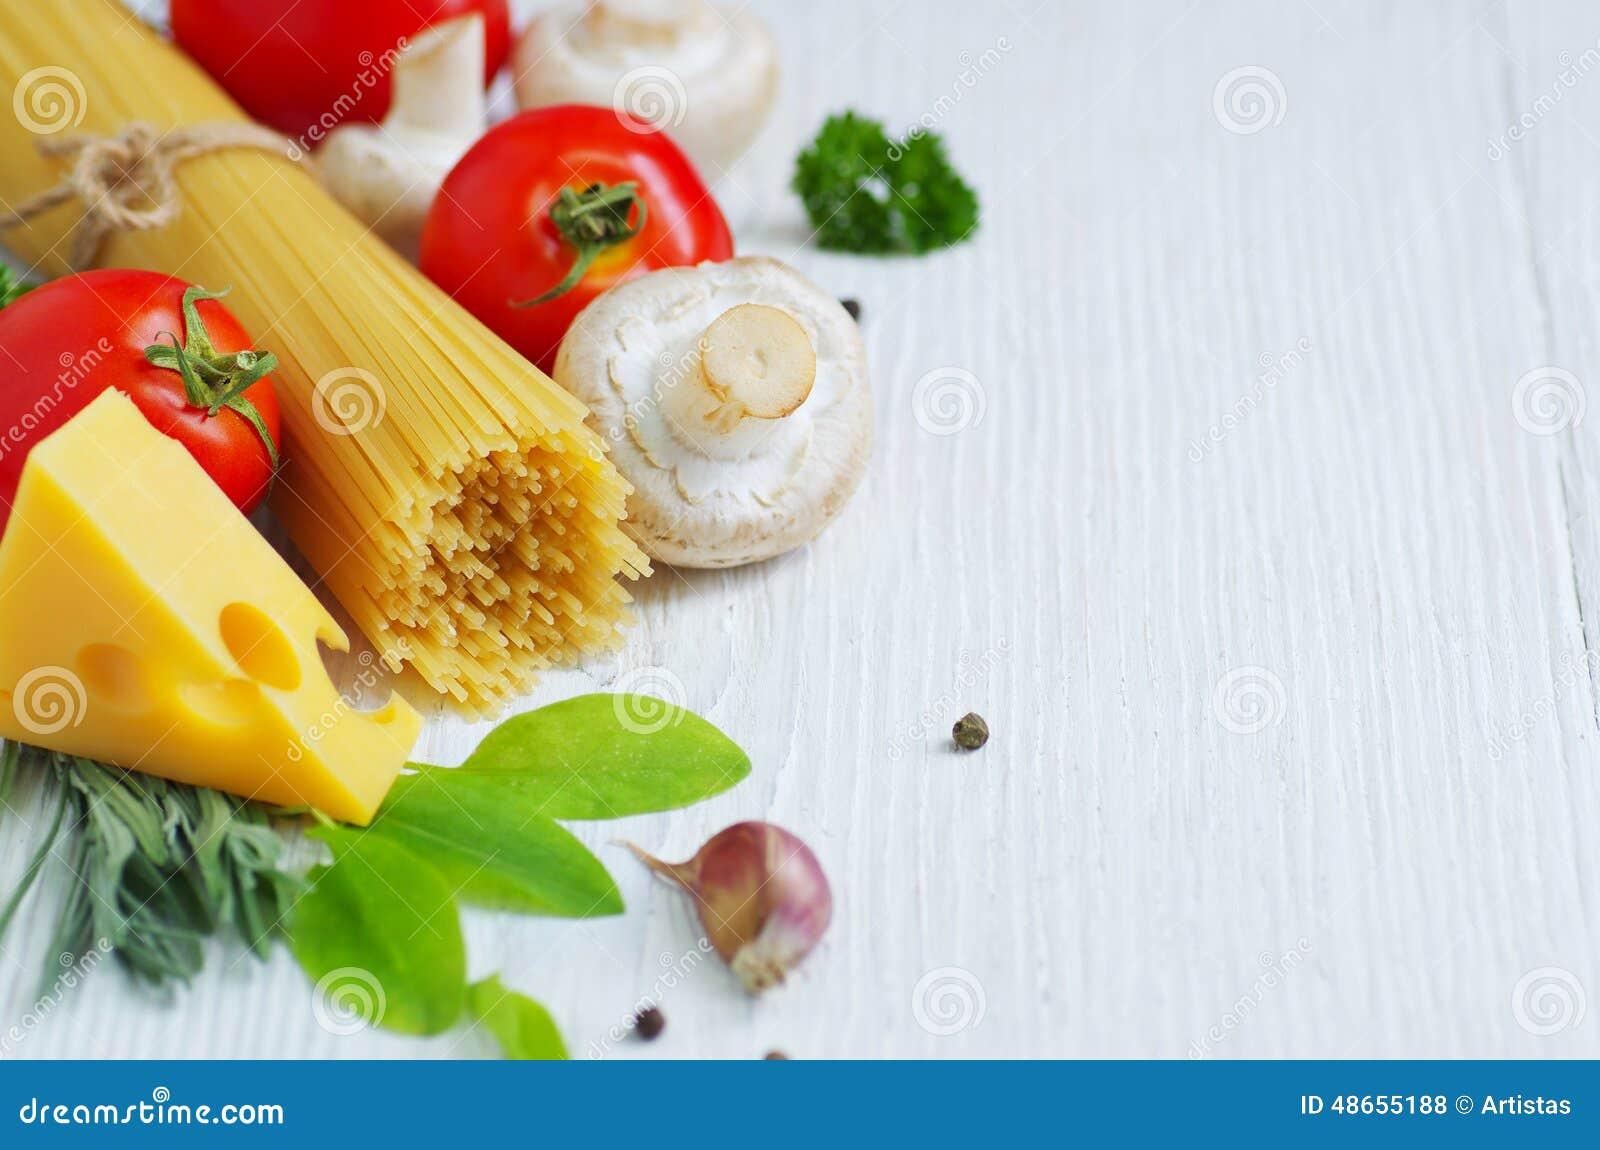 Ingr dients de cuisine italienne traditionnelle photo - Site de cuisine italienne ...